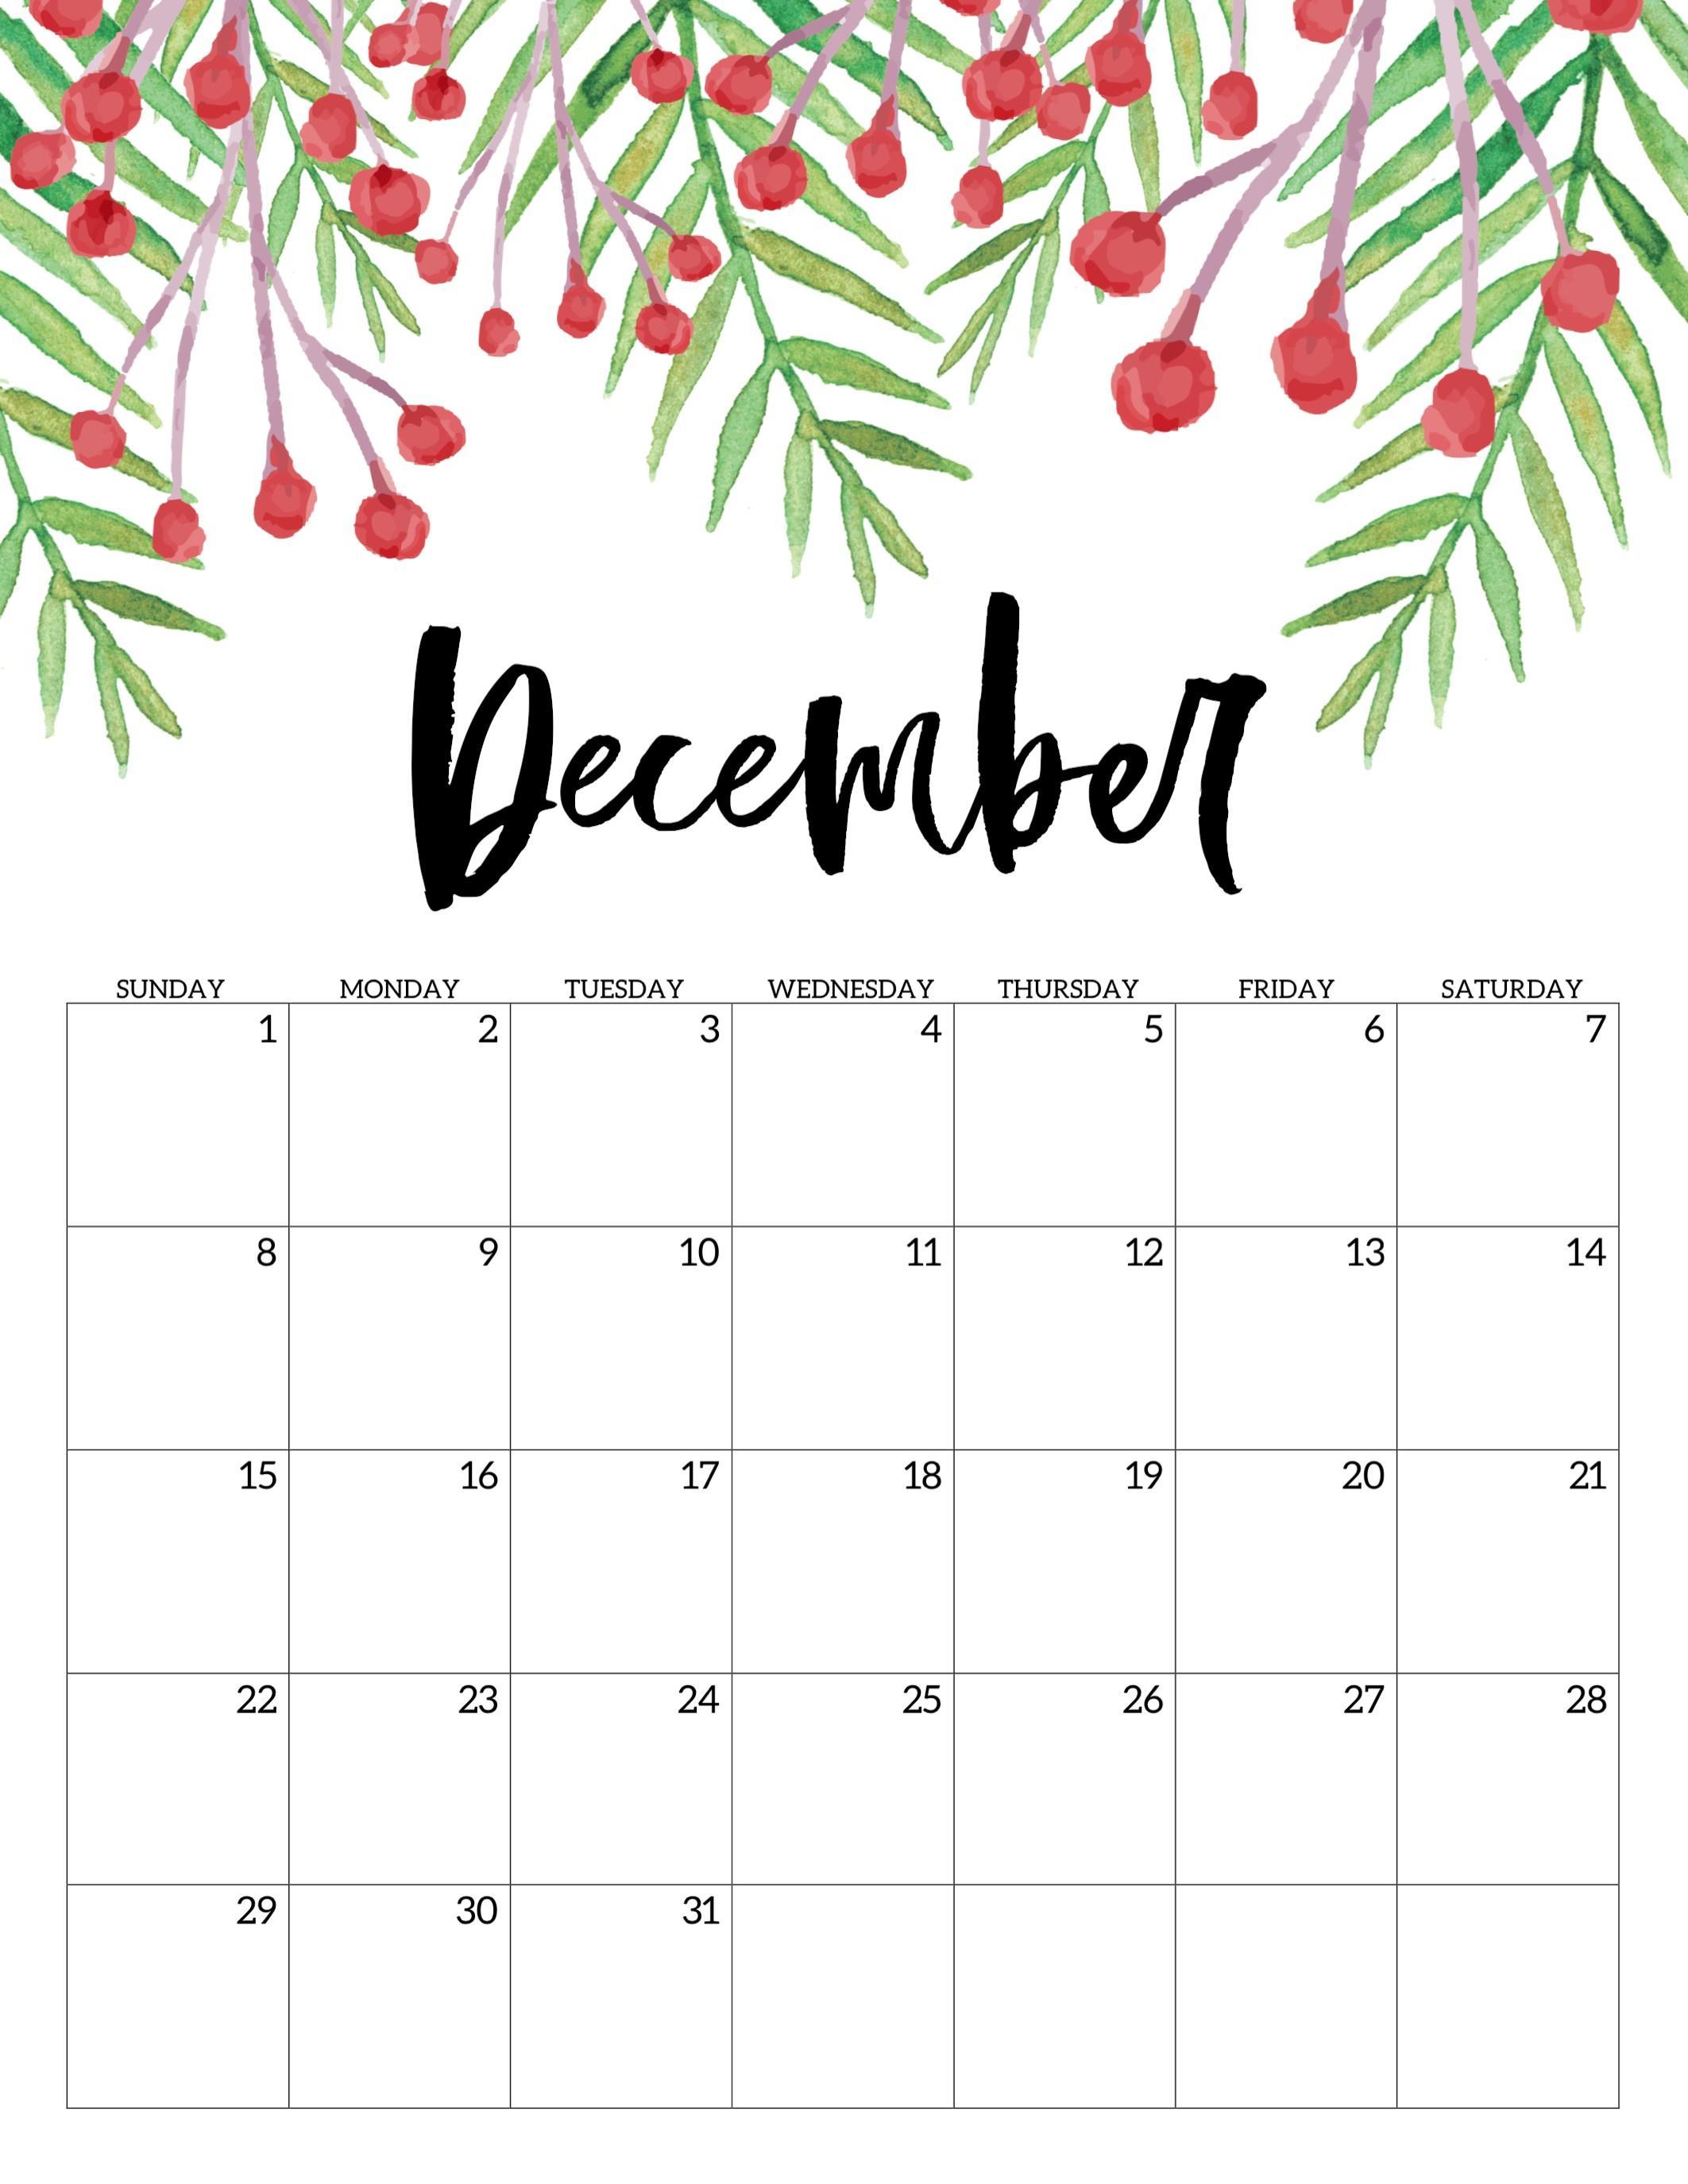 2019 Calligraphy Calendar December December 2019 Calendar Wallpapers   Wallpaper Cave